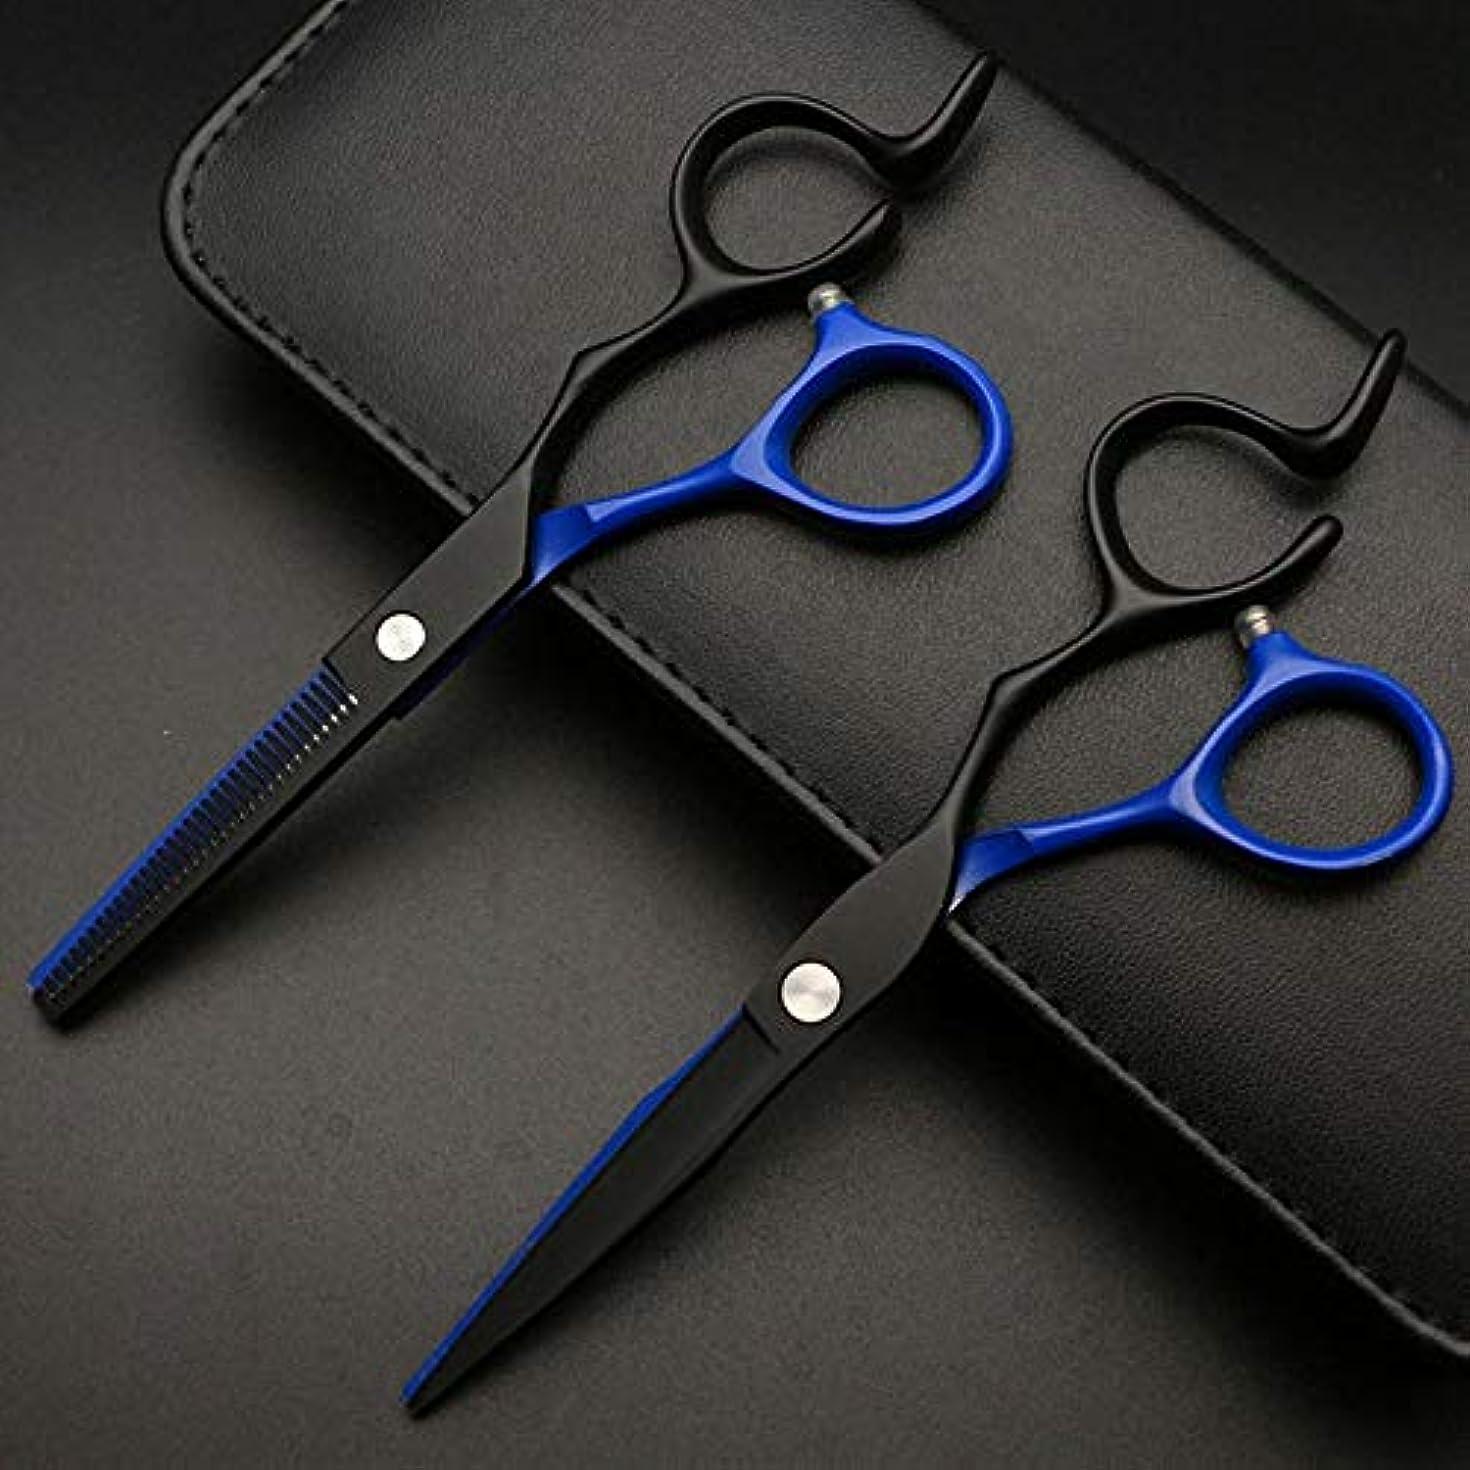 ピューオペラ記述するWASAIO 理髪はさみは、サプリメント薄毛カービングシアーズキットプロフェッショナル理容サロンレイザーエッジツールを組み合わせ5.5インチに設定しトリミング (色 : Black blue)